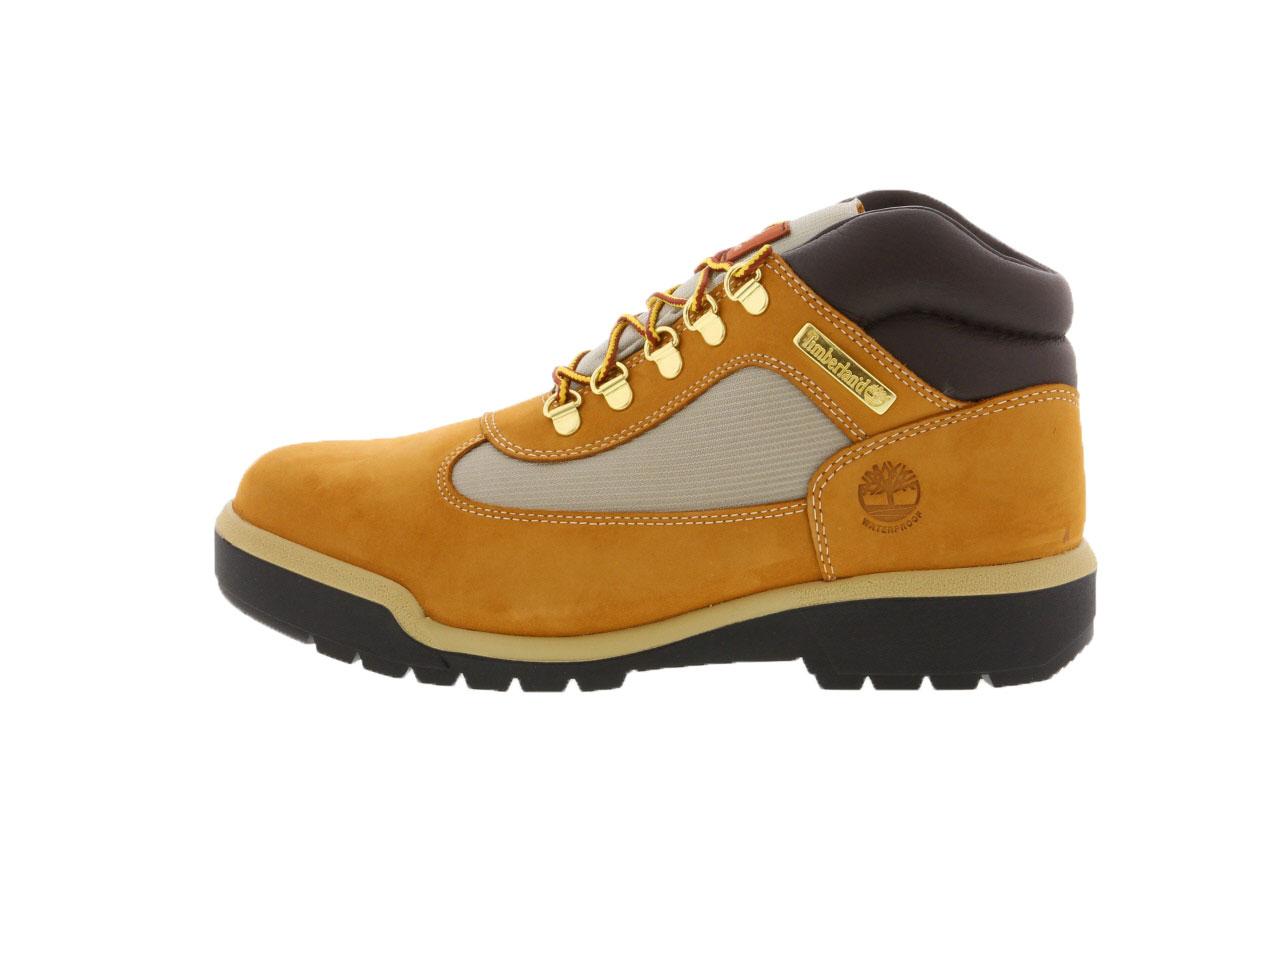 【OUTLET特価】Timberlamd Field Boot(A18RI)【ティンバーランド フィールドブーツ】【メンズファッション】【シューズ】【ブーツ】【靴】【フットウェア】